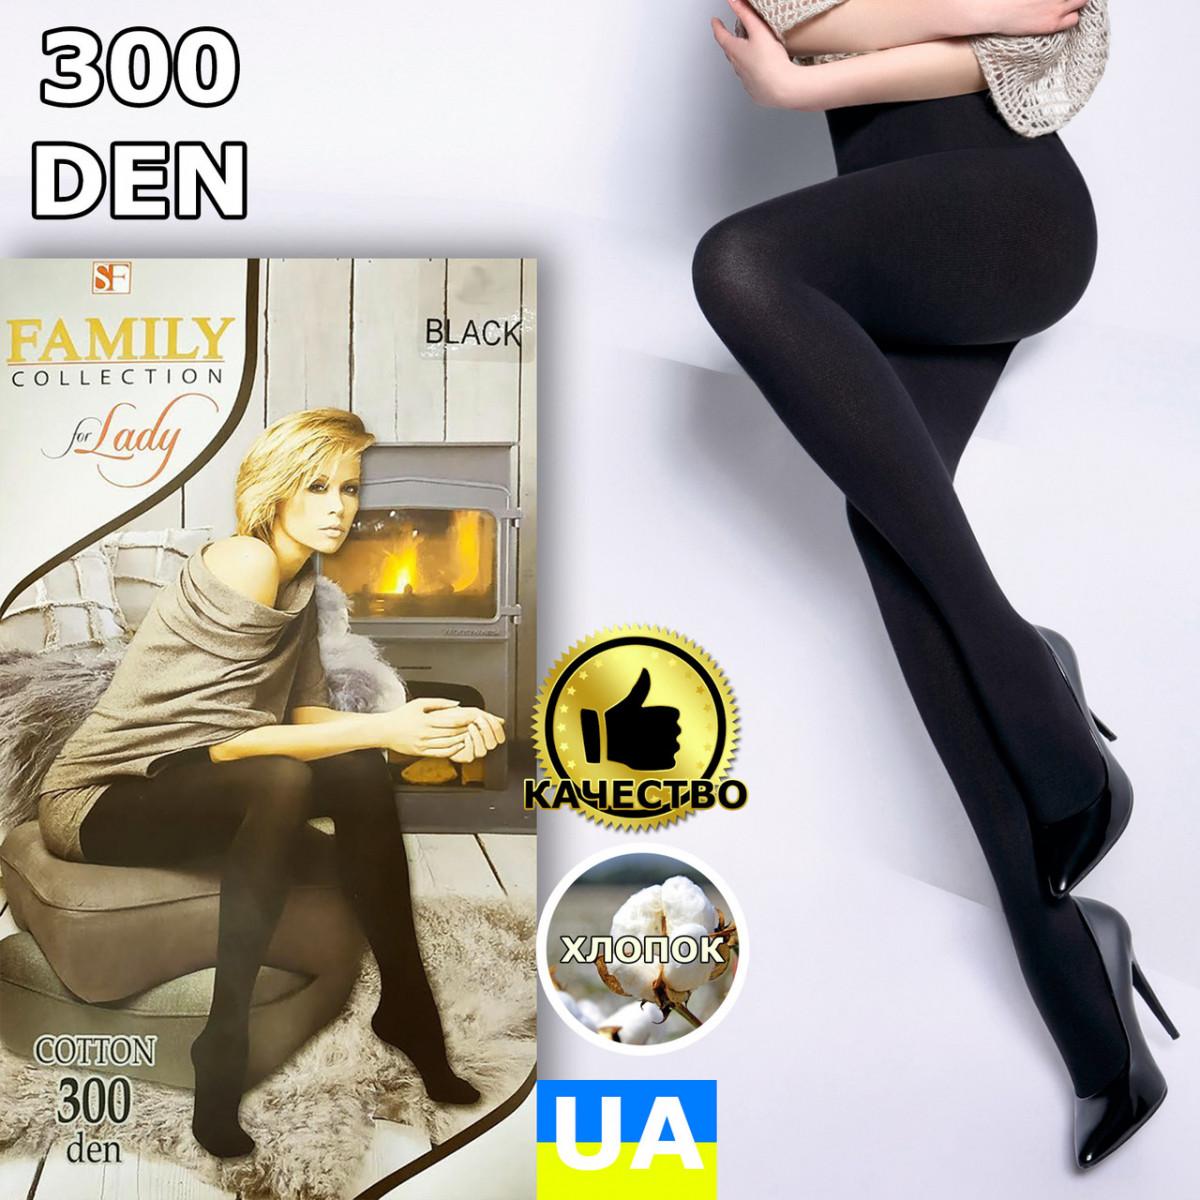 Колготы женские теплые черные 300den Family размер 5 20038700